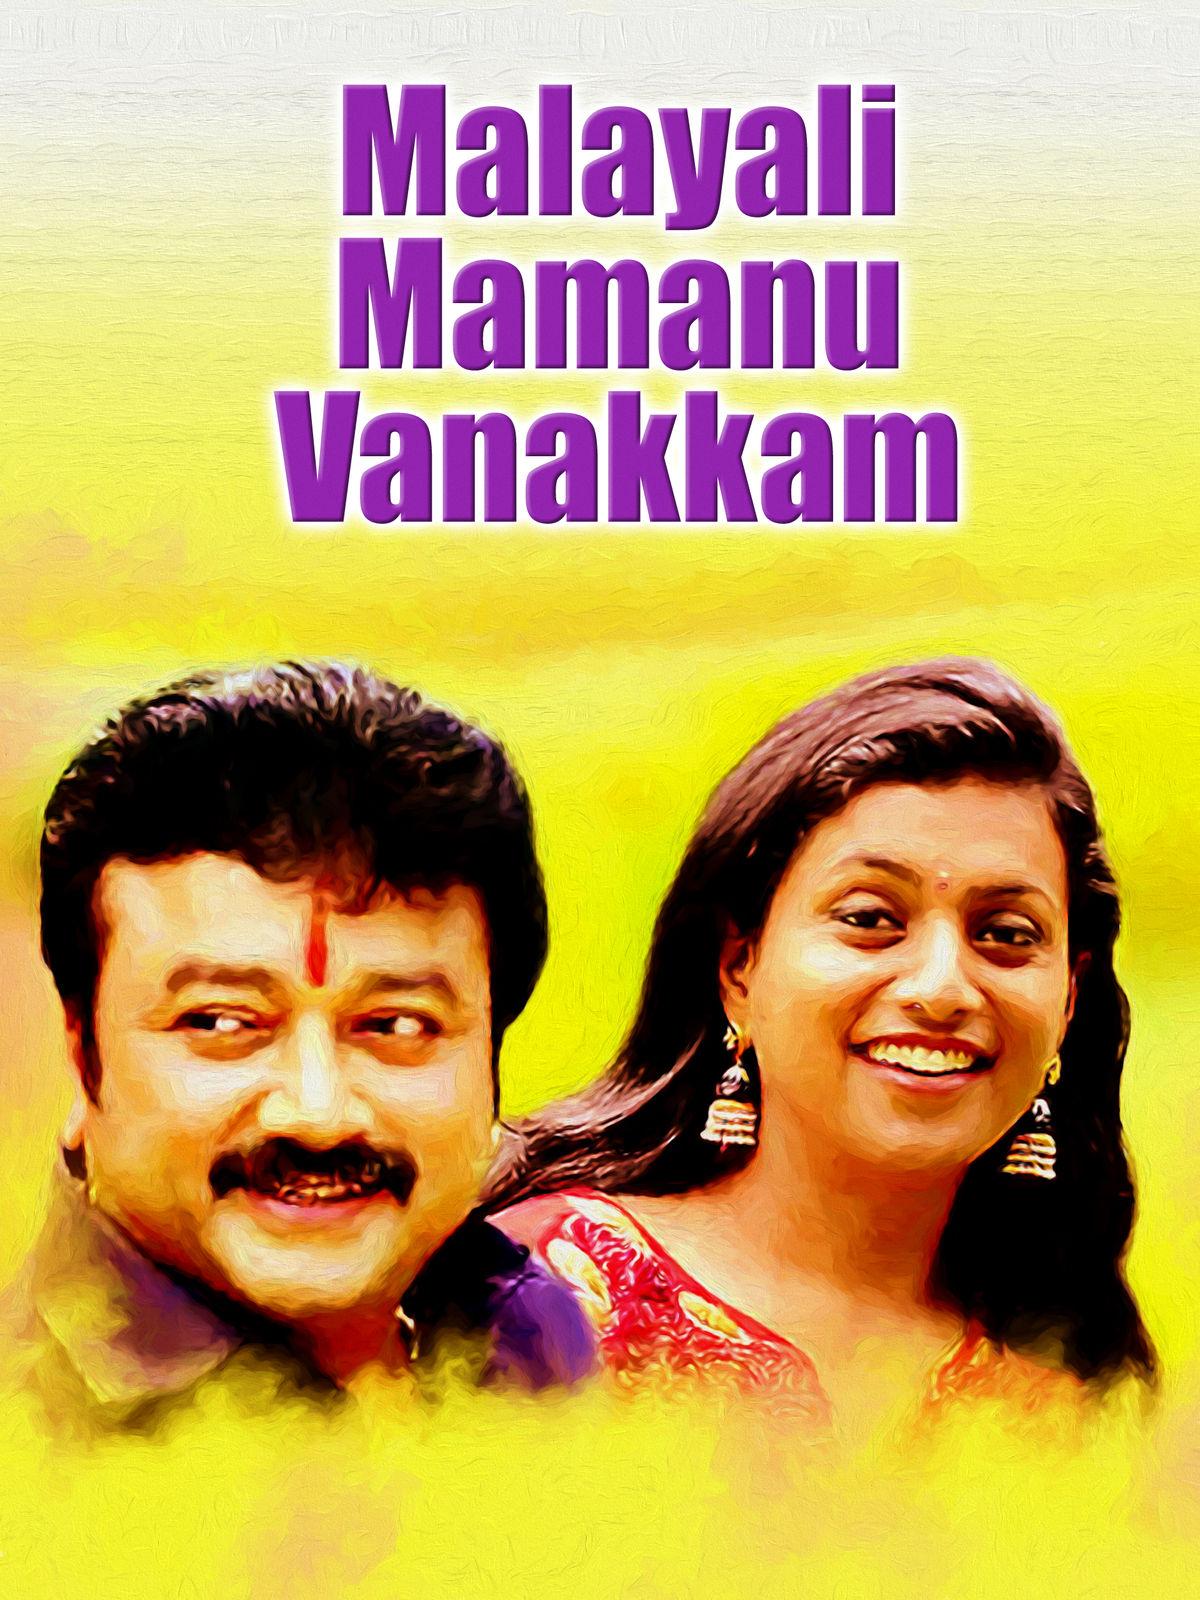 Malayali Mamanu Vanakkam